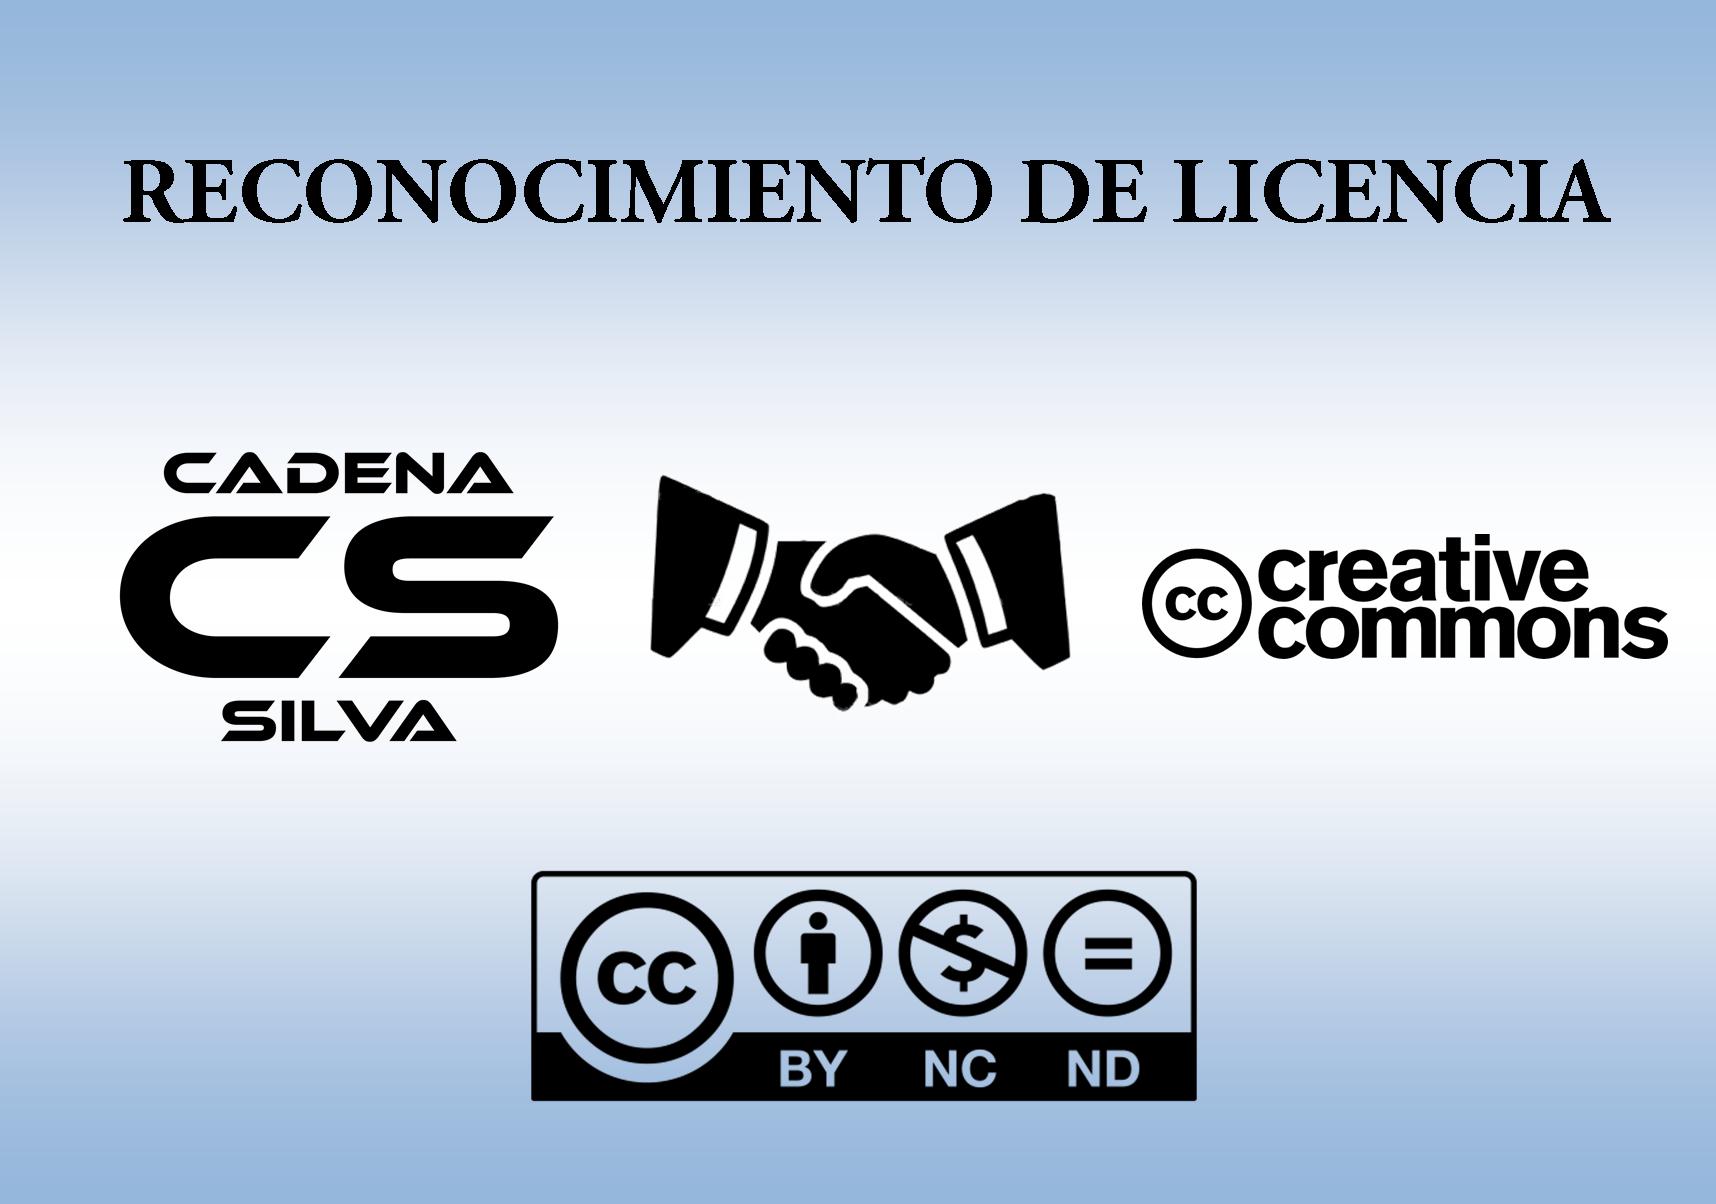 Cadena Silva dispondrá de licencia Creative Commons